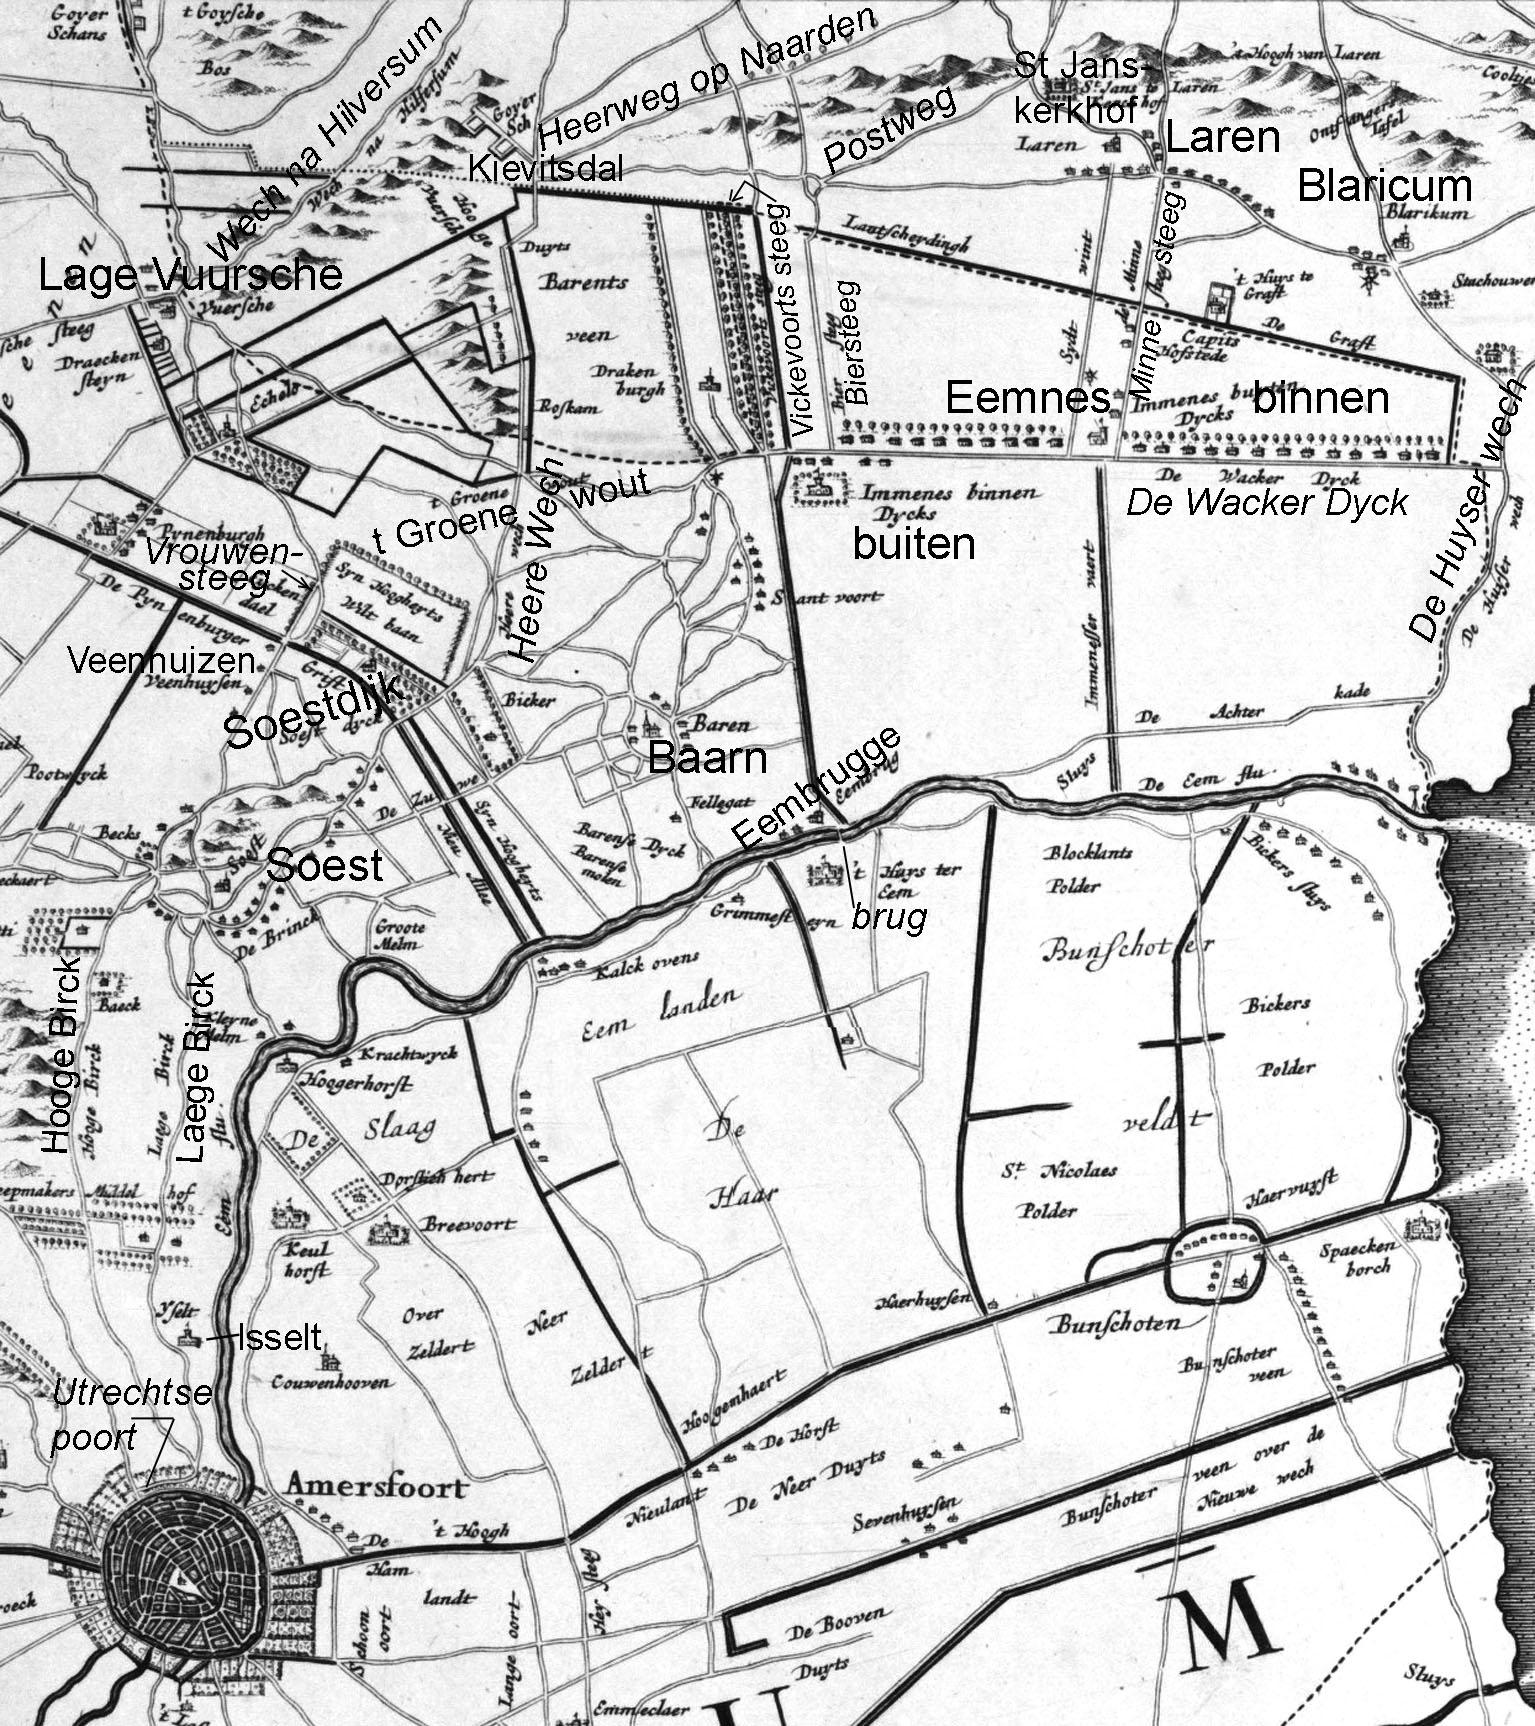 Afbeelding 3 - Fragment van de kaart 'Comitatus Hollandiae et Domini Ultraiectini Tabulal Anno 1681, Amstelodami' door F . de Wit, noorden rechts - Collectie Het Koninklijk Nederlands Aardrijkskundig Genootschap; bewerking door auteur